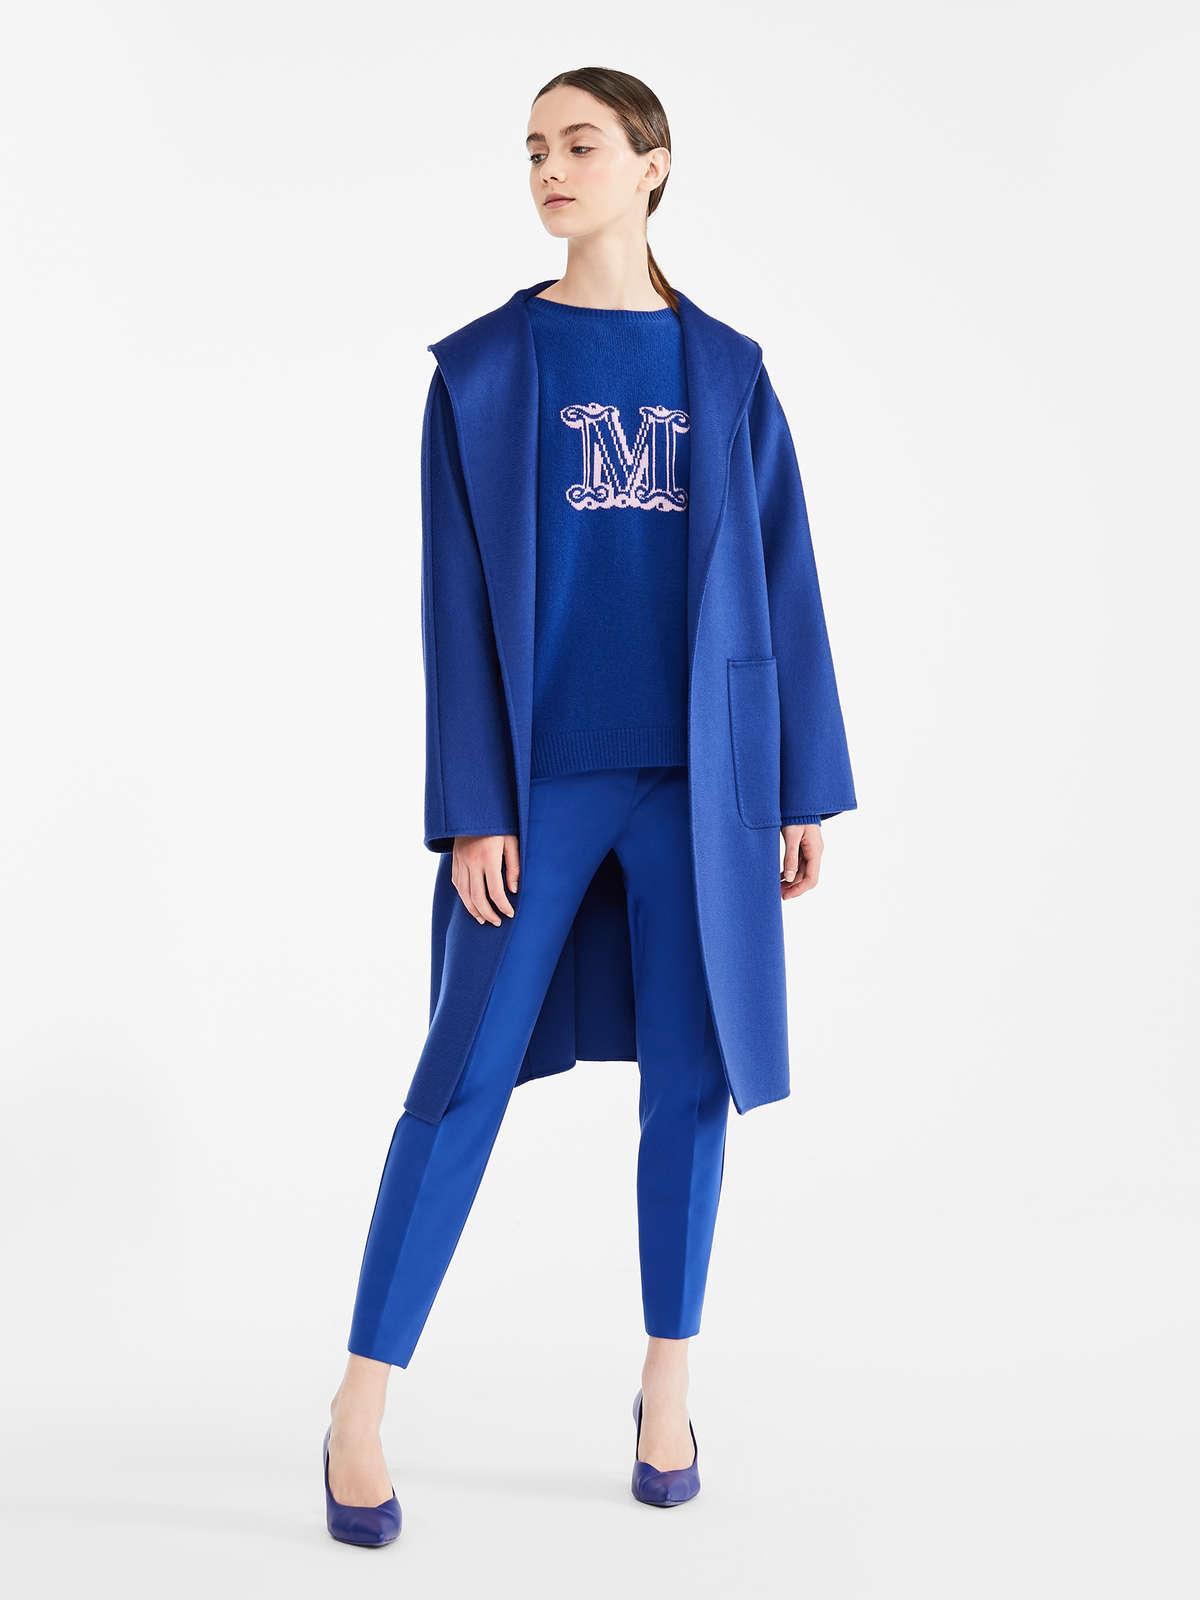 Completo blu Max Mara autunno inverno 2020-2021